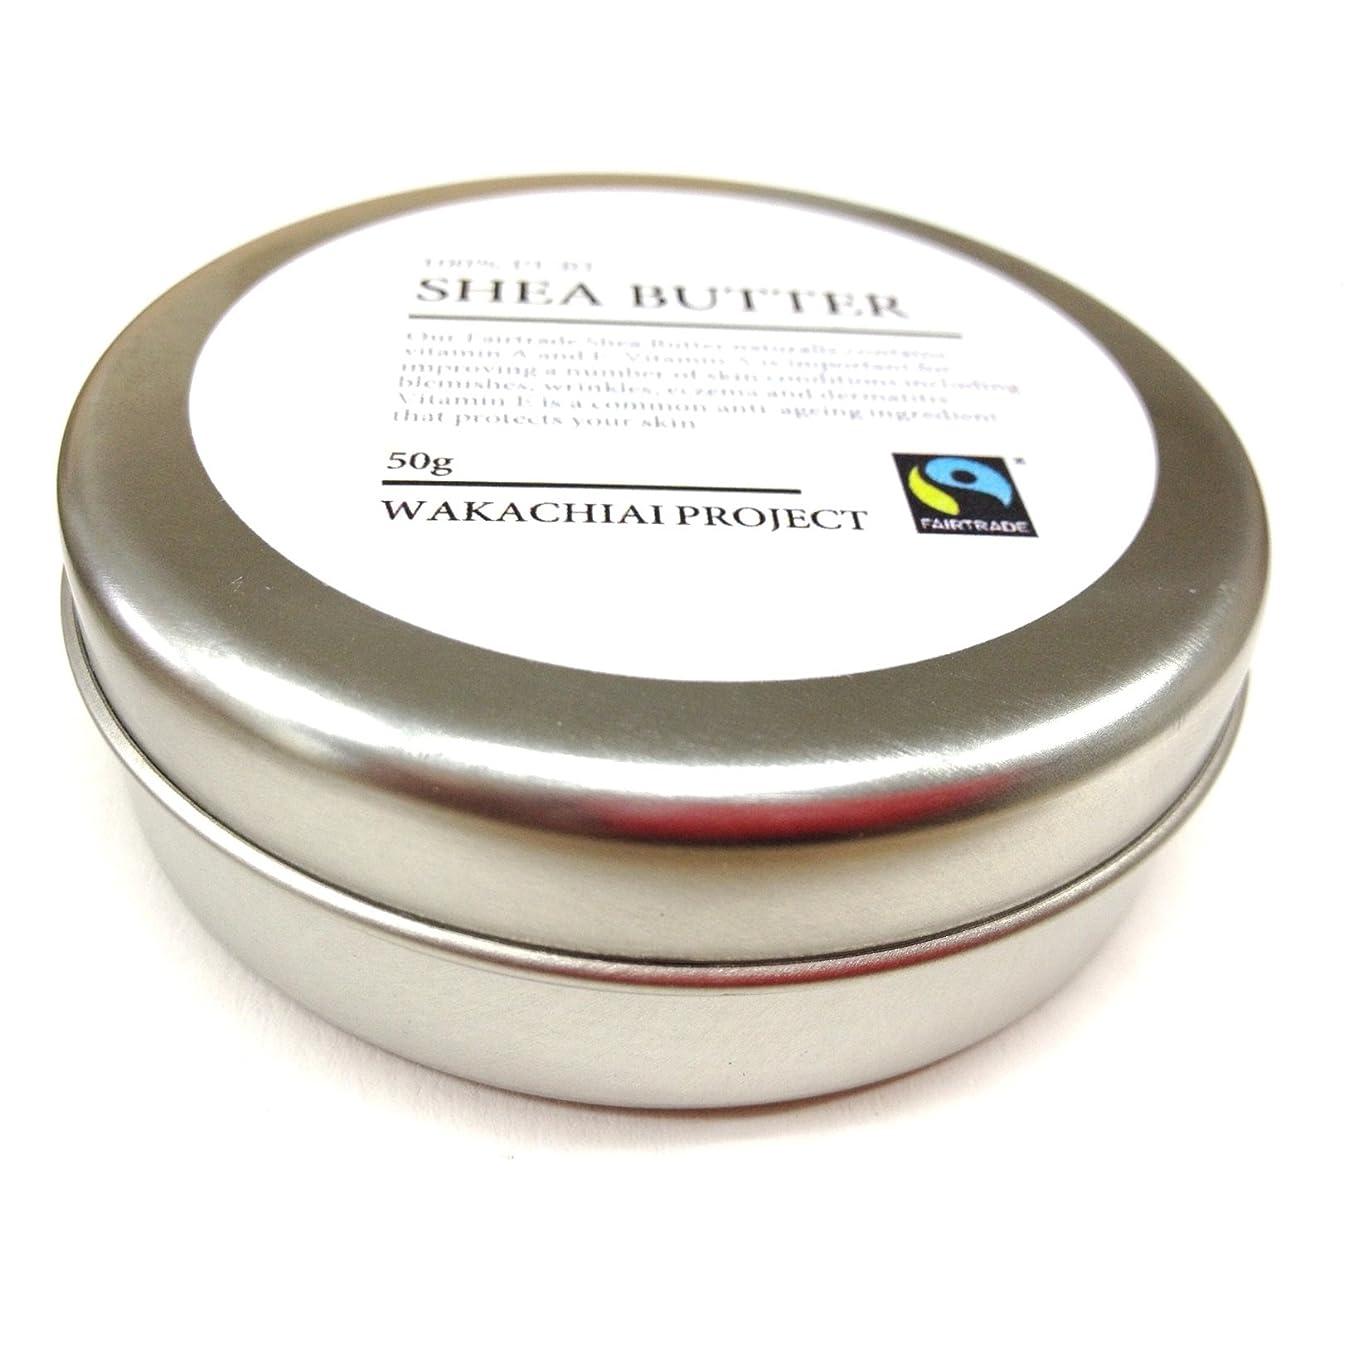 侵入するサークルボランティアマリ産ピュアシアバター 未精製 50g入り / Unrefined Fairtrade Shea Butter from Mali